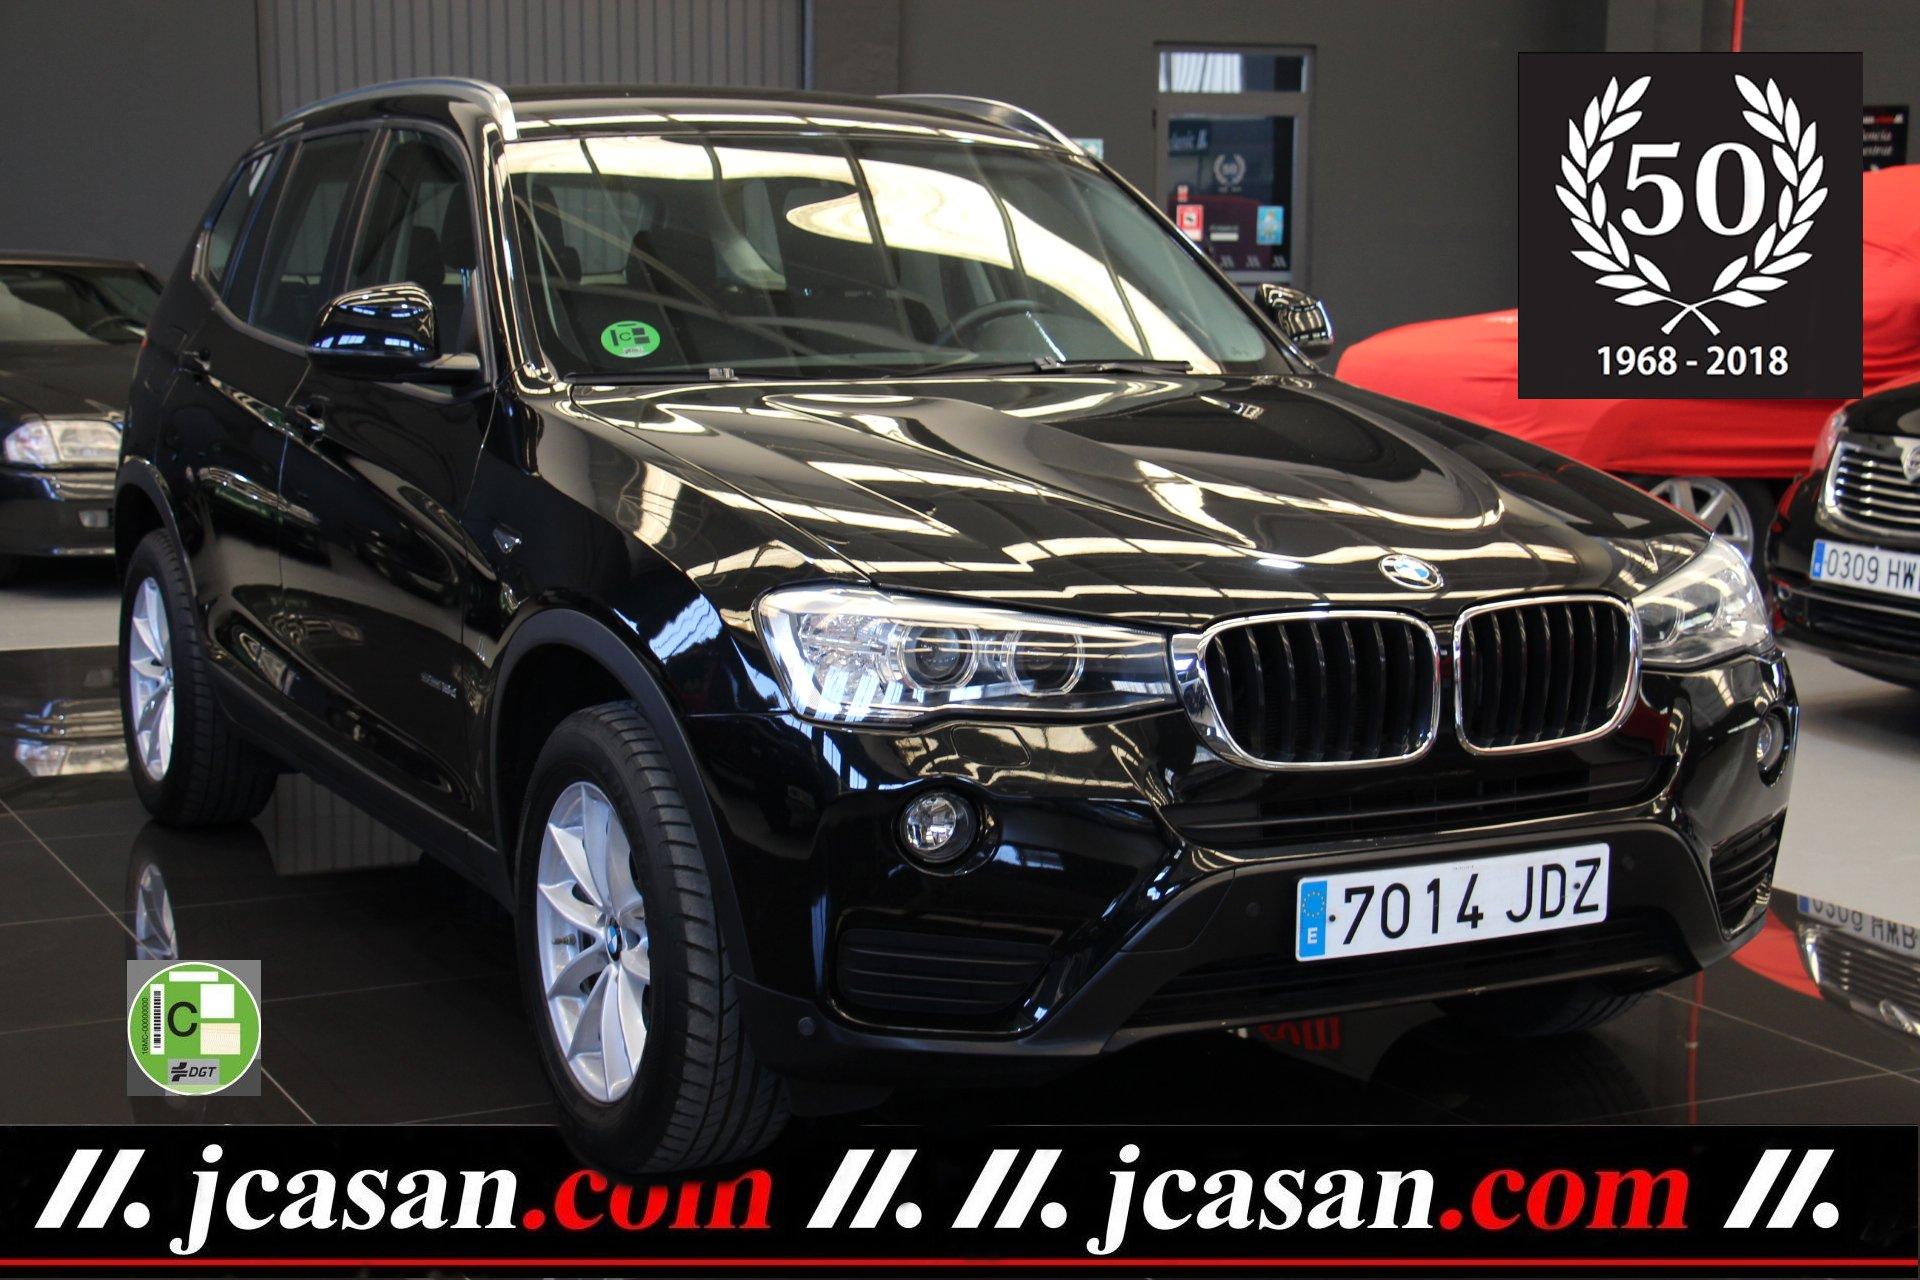 BMW X3 SDRIVE 1.8d 150 CV 6 Vel